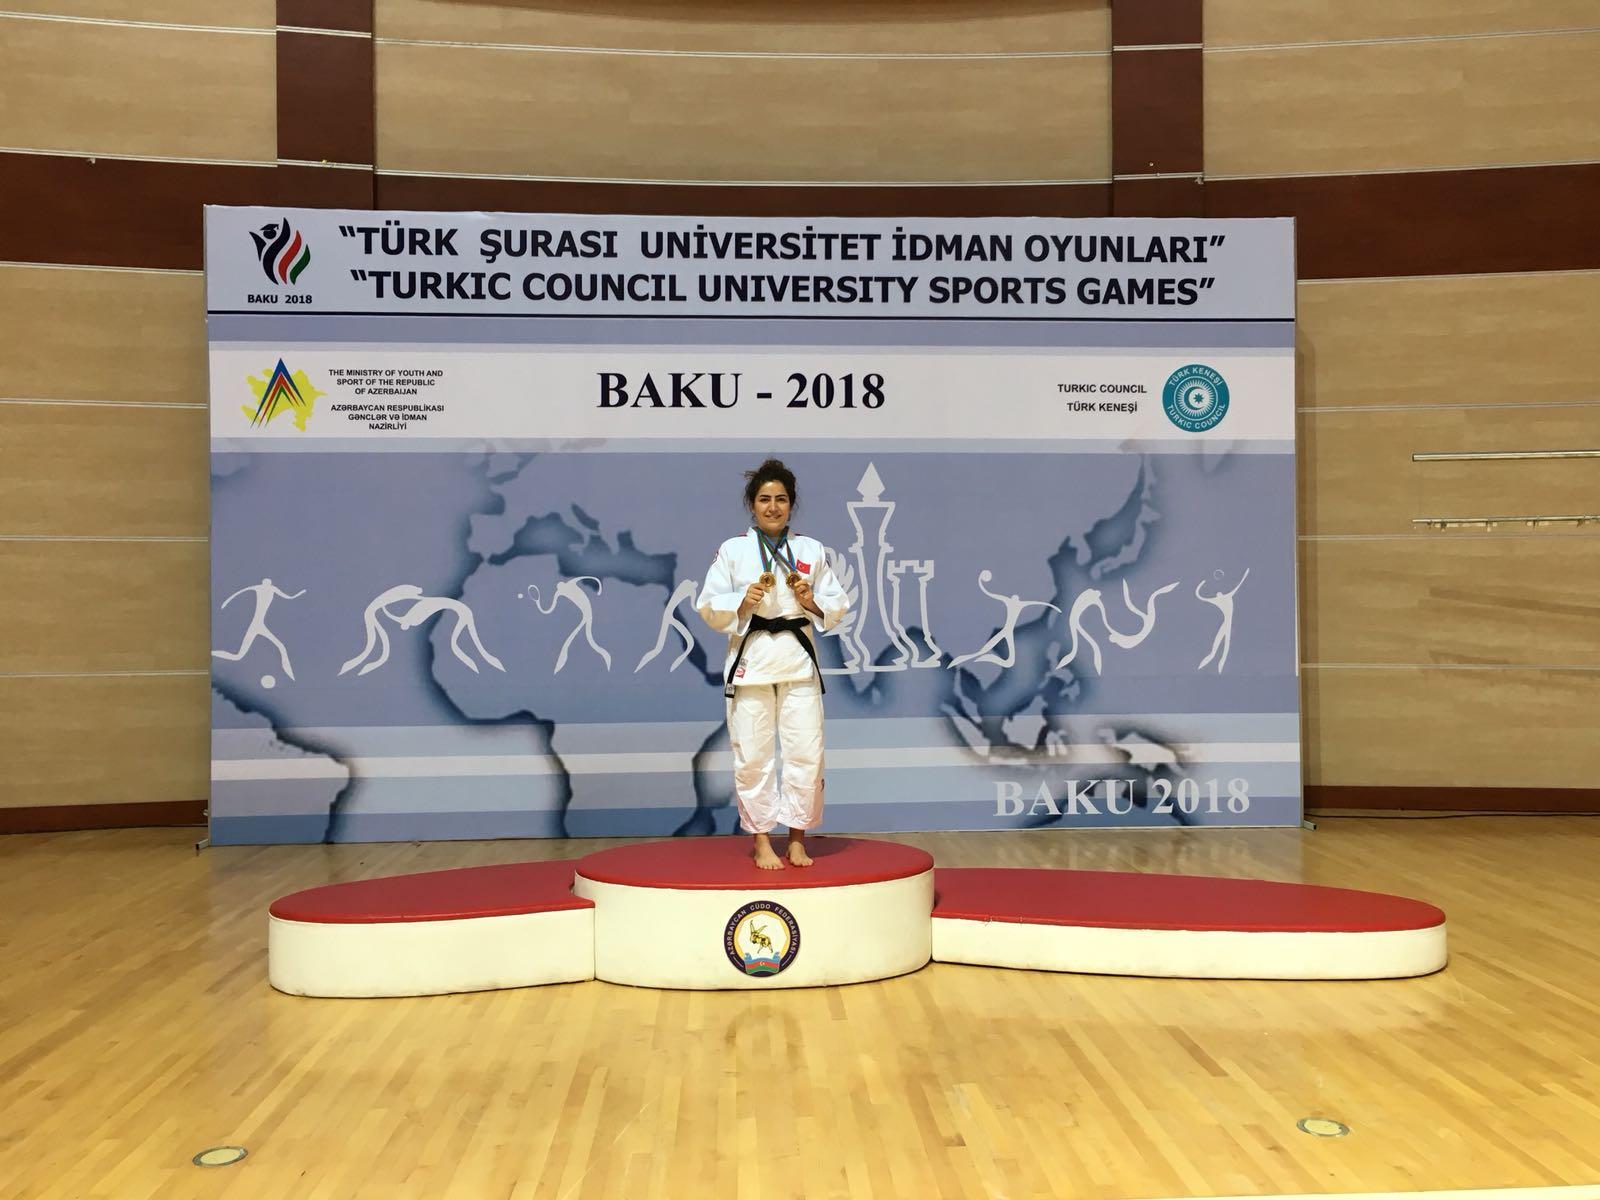 Gerzeli Judocudan Azerbaycan'da Büyük Başarı